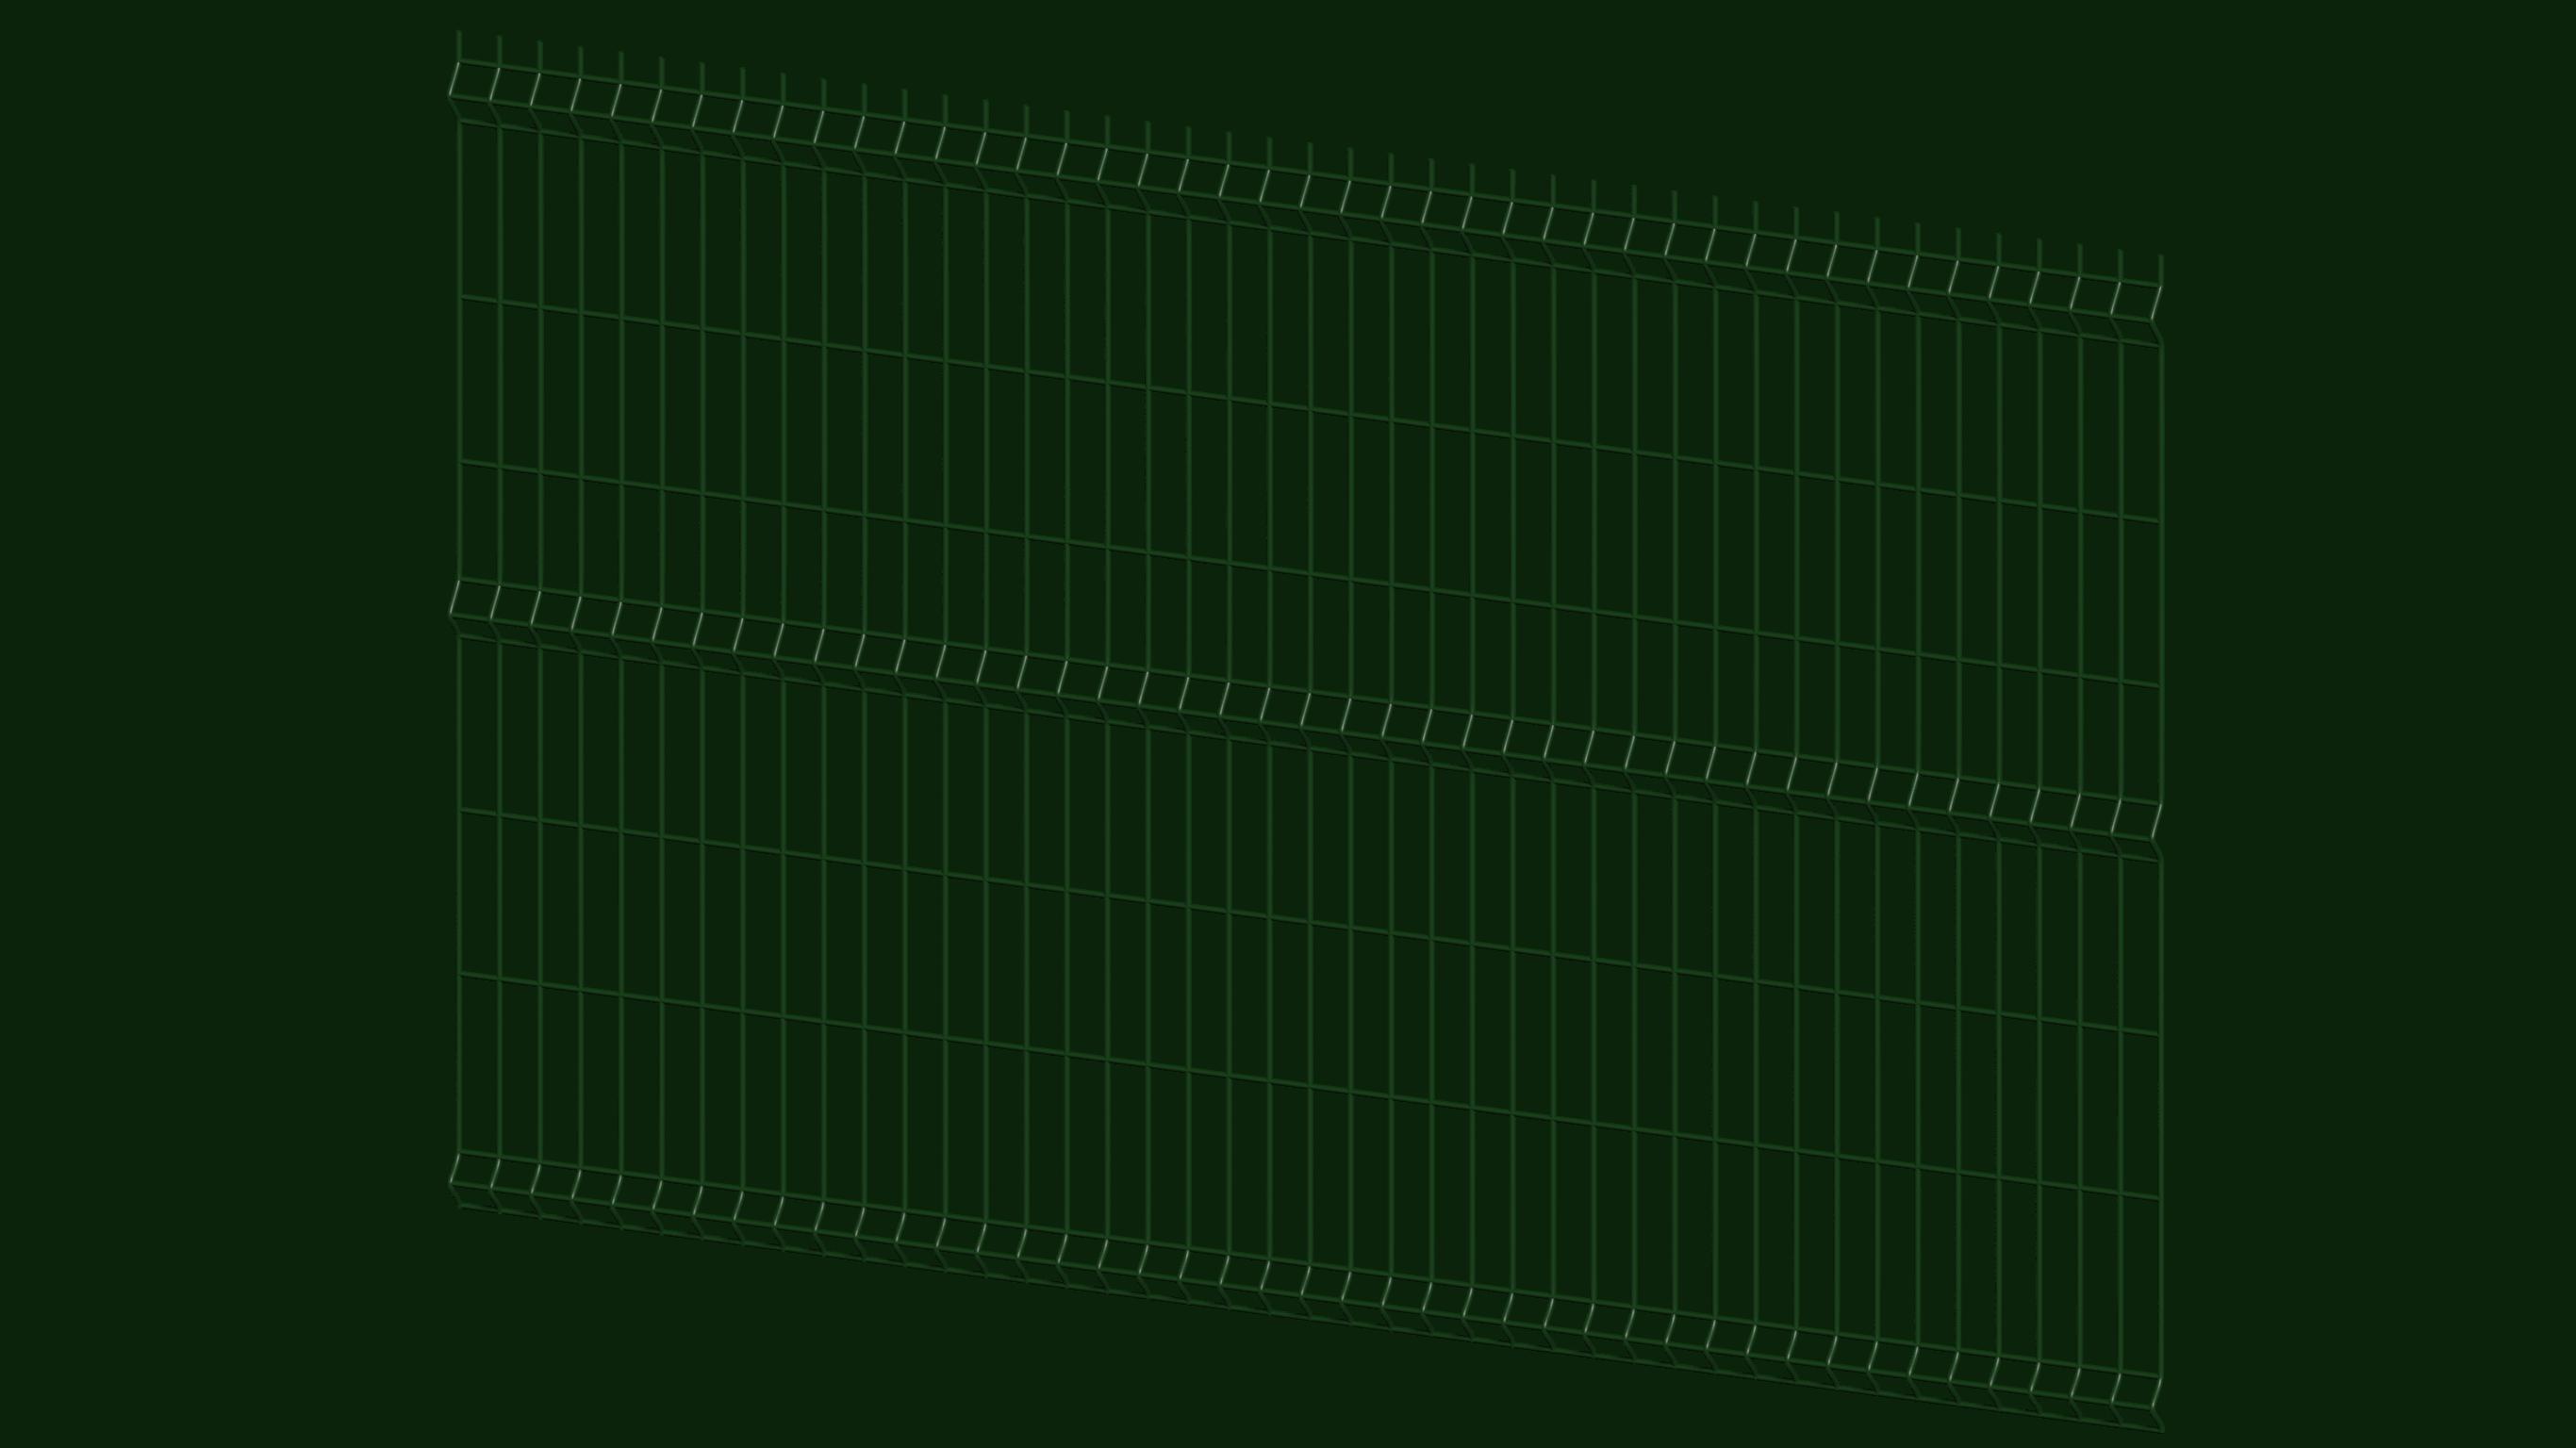 ogrodzenie panelowe zielone bok